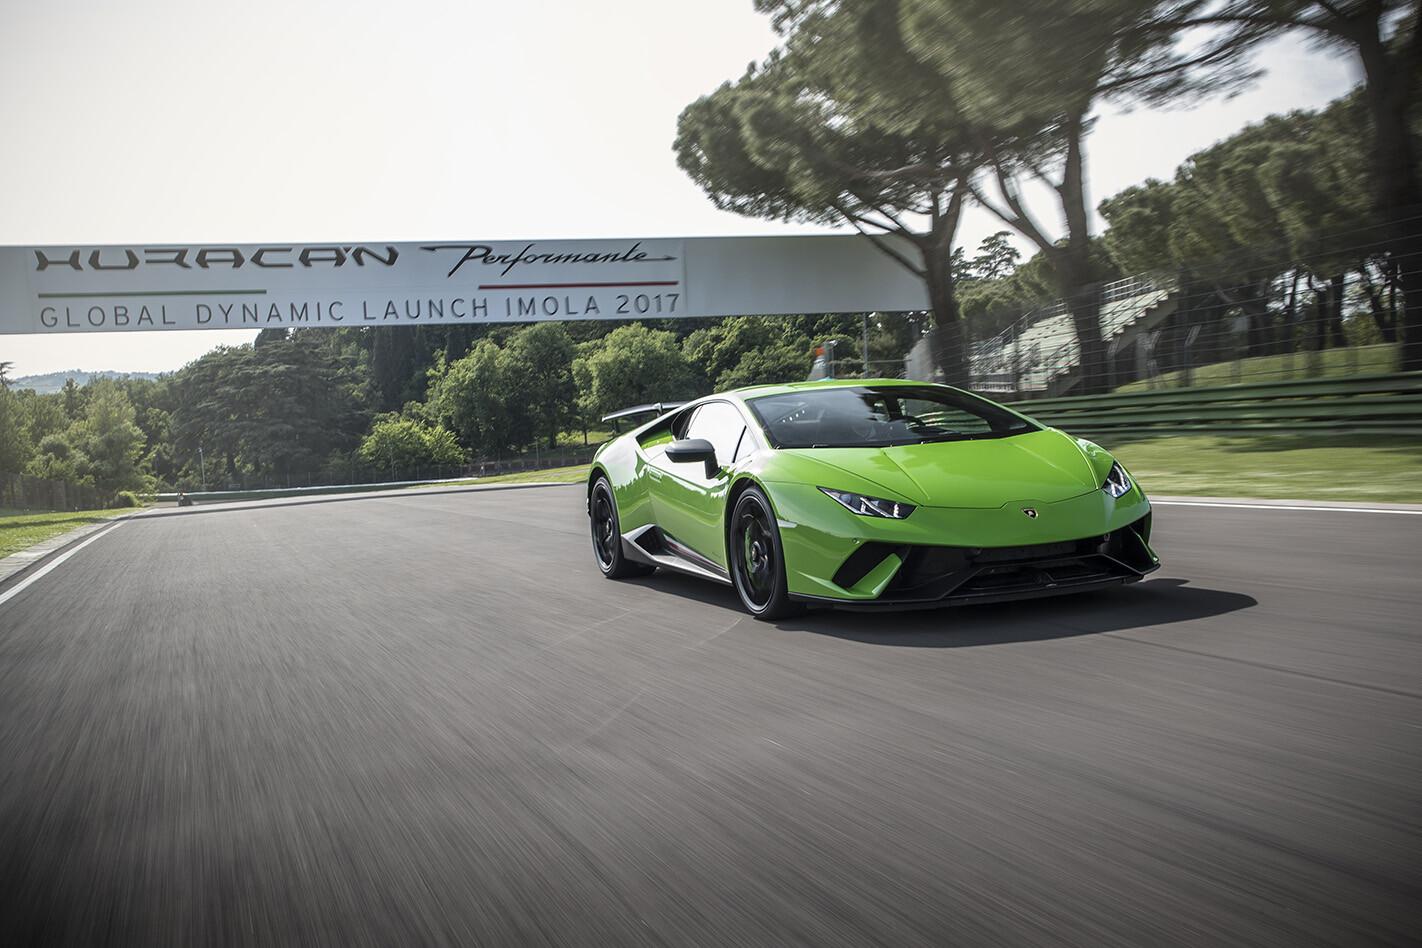 41 Lamborghini Huracan Web Jpg